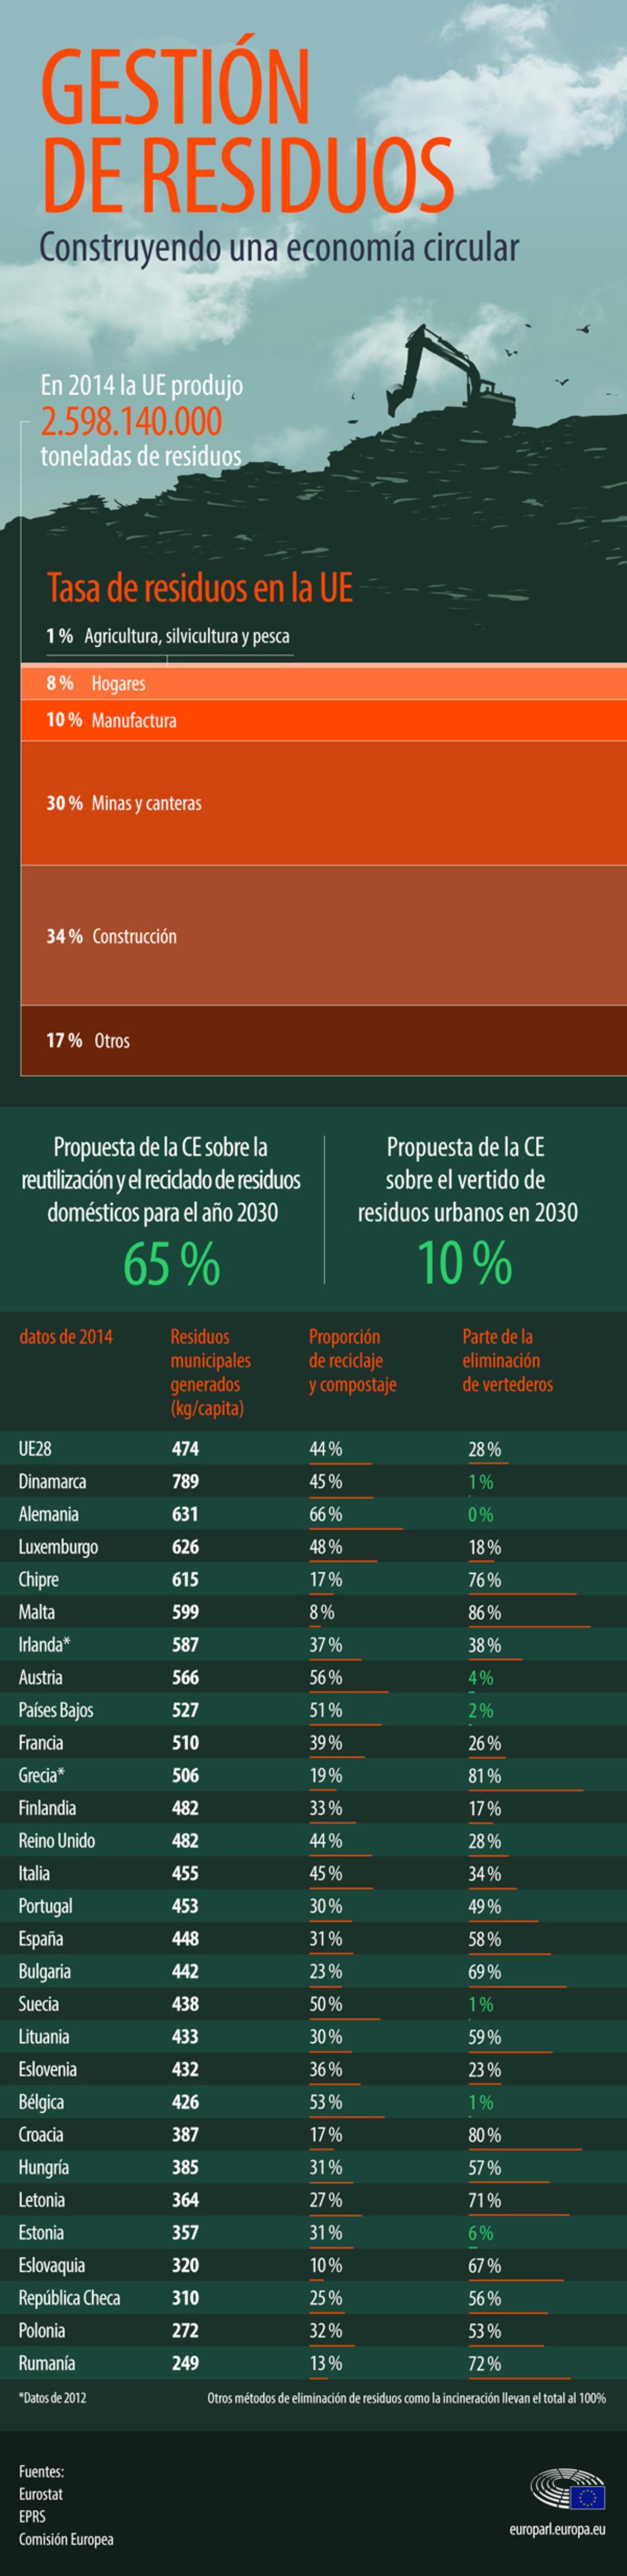 Infografía sobre la gestión de residuos en la Unión Europea